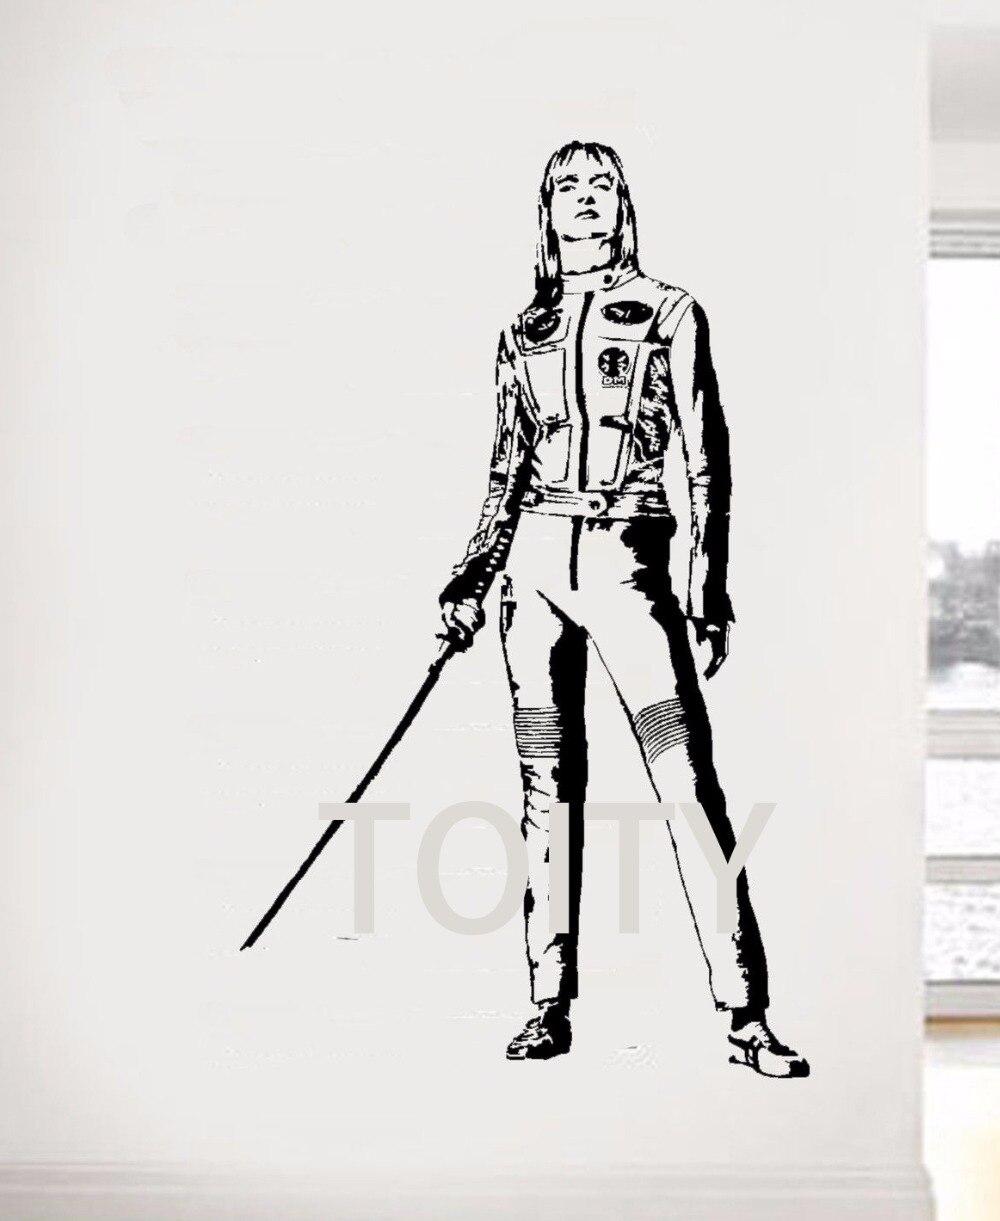 kill-bill-decalque-do-vinil-filme-classico-do-cartaz-do-filme-de-quentin-font-b-tarantino-b-font-umea-thurman-diy-adesivos-de-parede-arte-home-bar-decor-mural